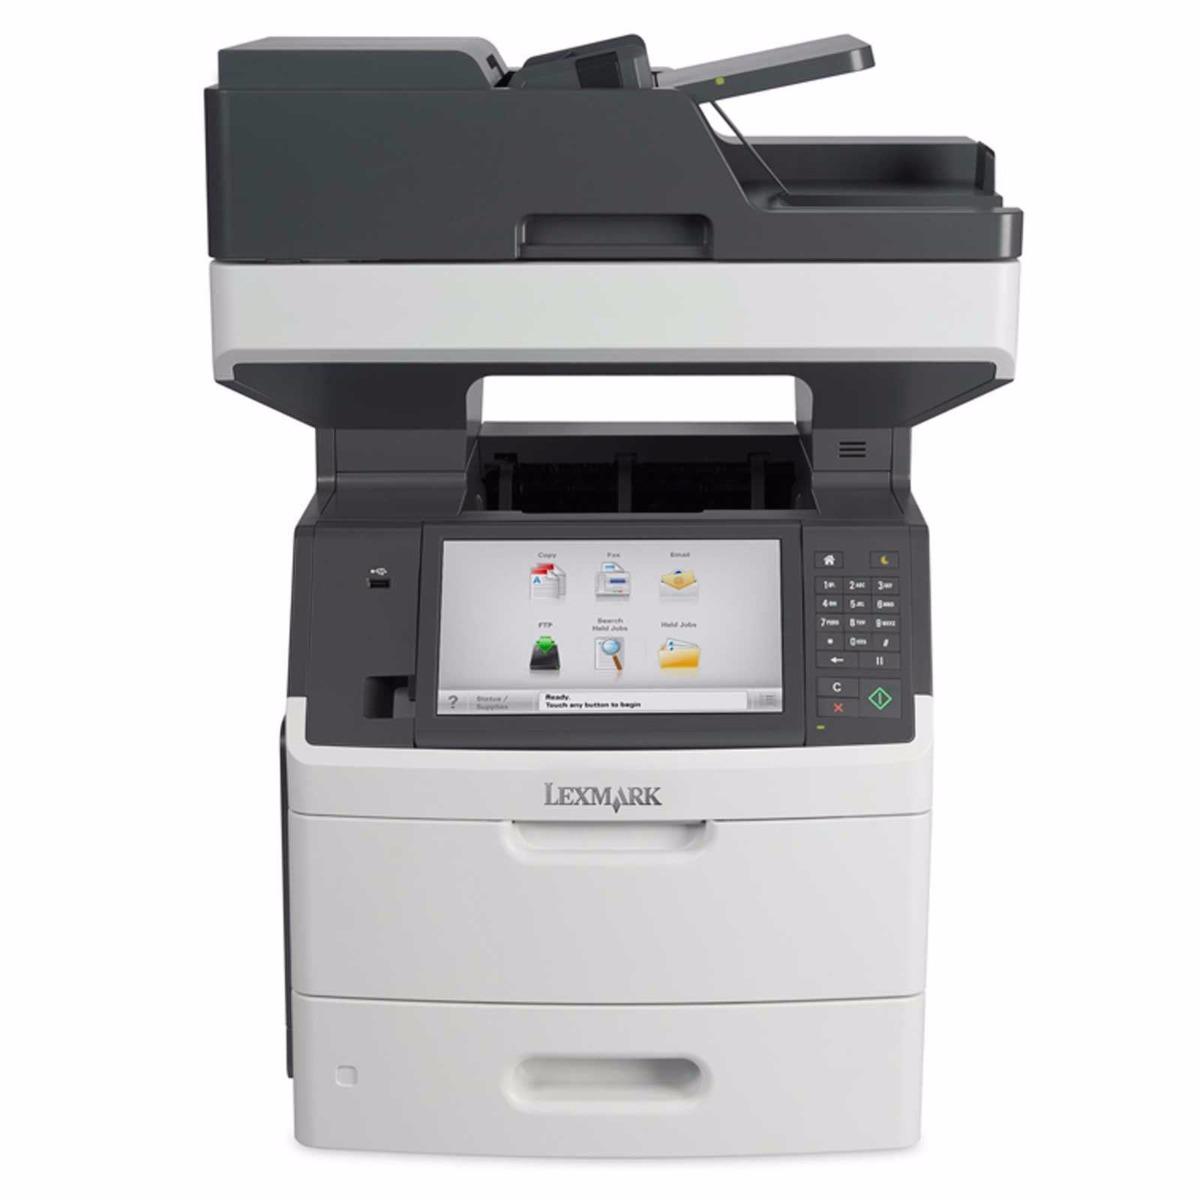 impressora-multifuncional-lexmark-mx711-D_NQ_NP_860495-MLB25729242786_072017-F